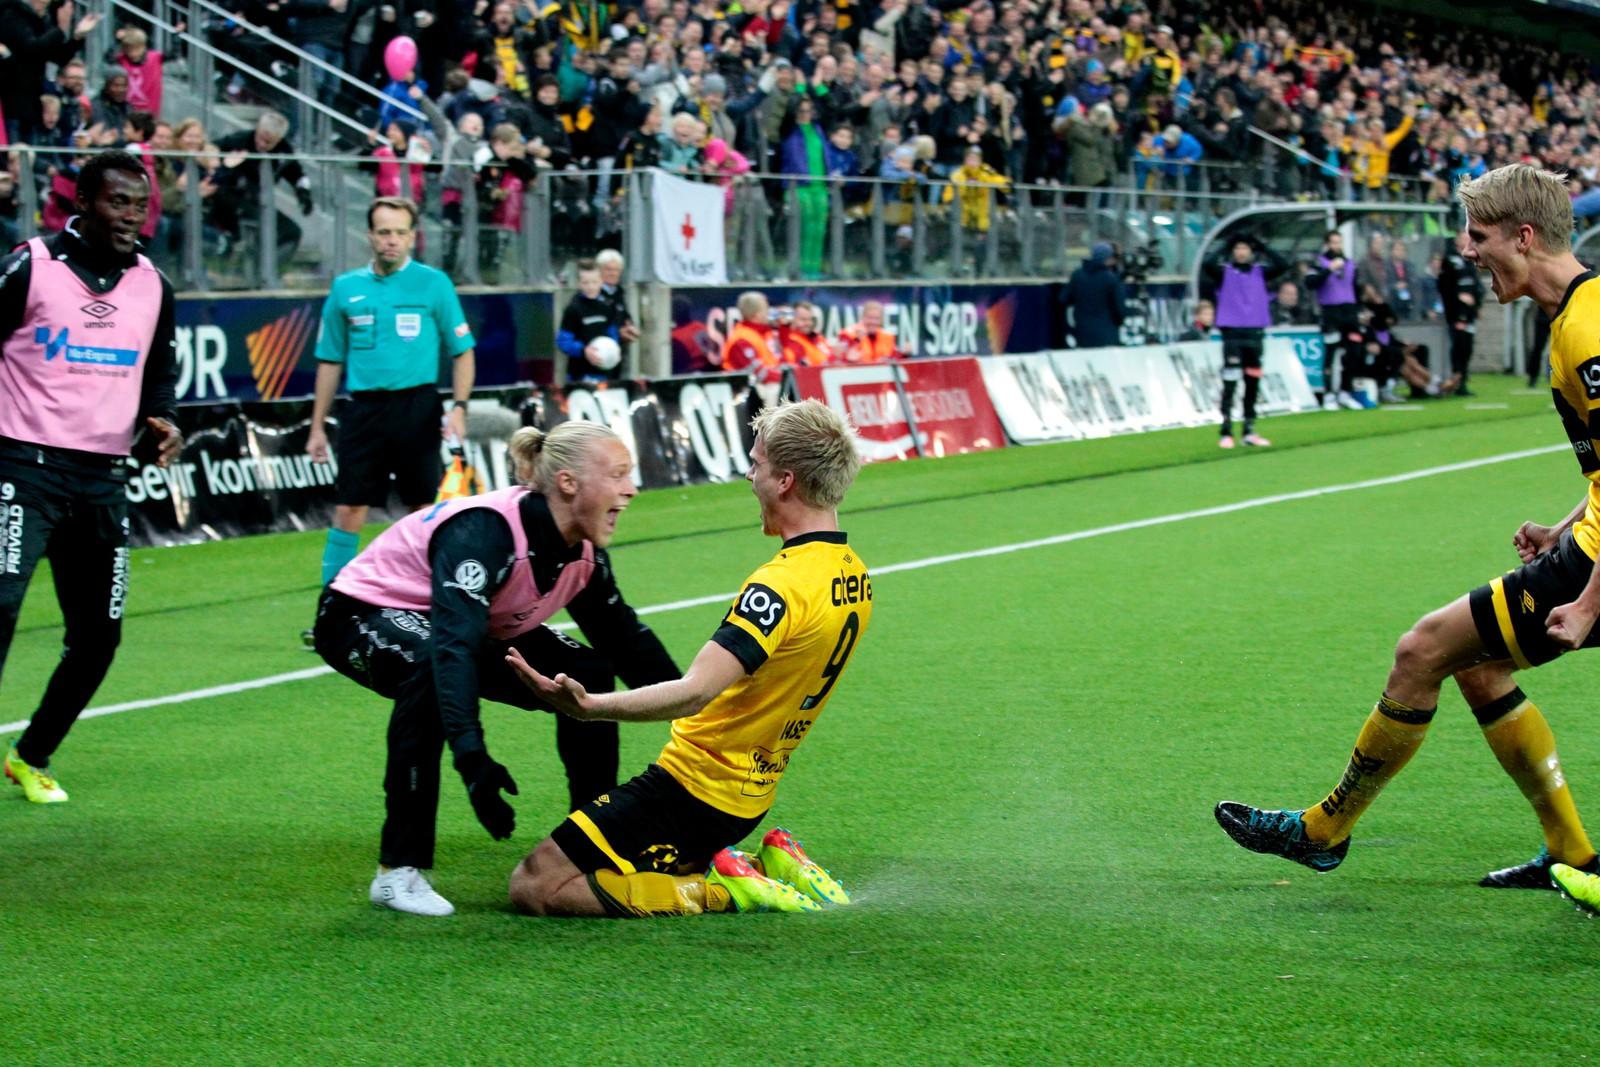 Starts Daniel Aase, på knærne, og Lars-Jørgen Salvesen jubler etter scoringen.